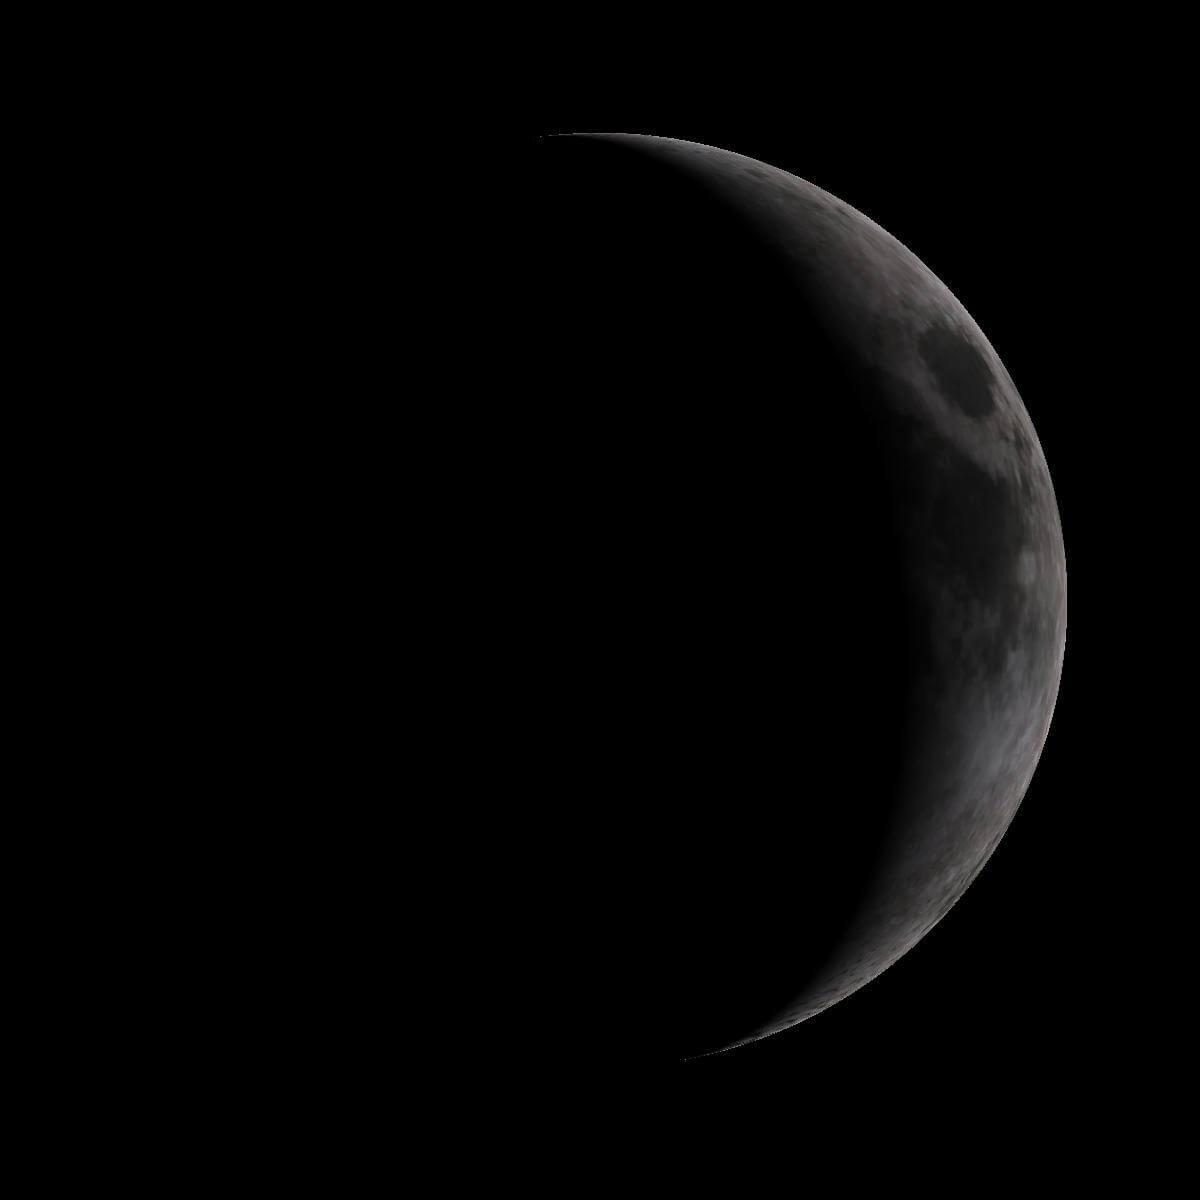 Lune du 27 mai 2020